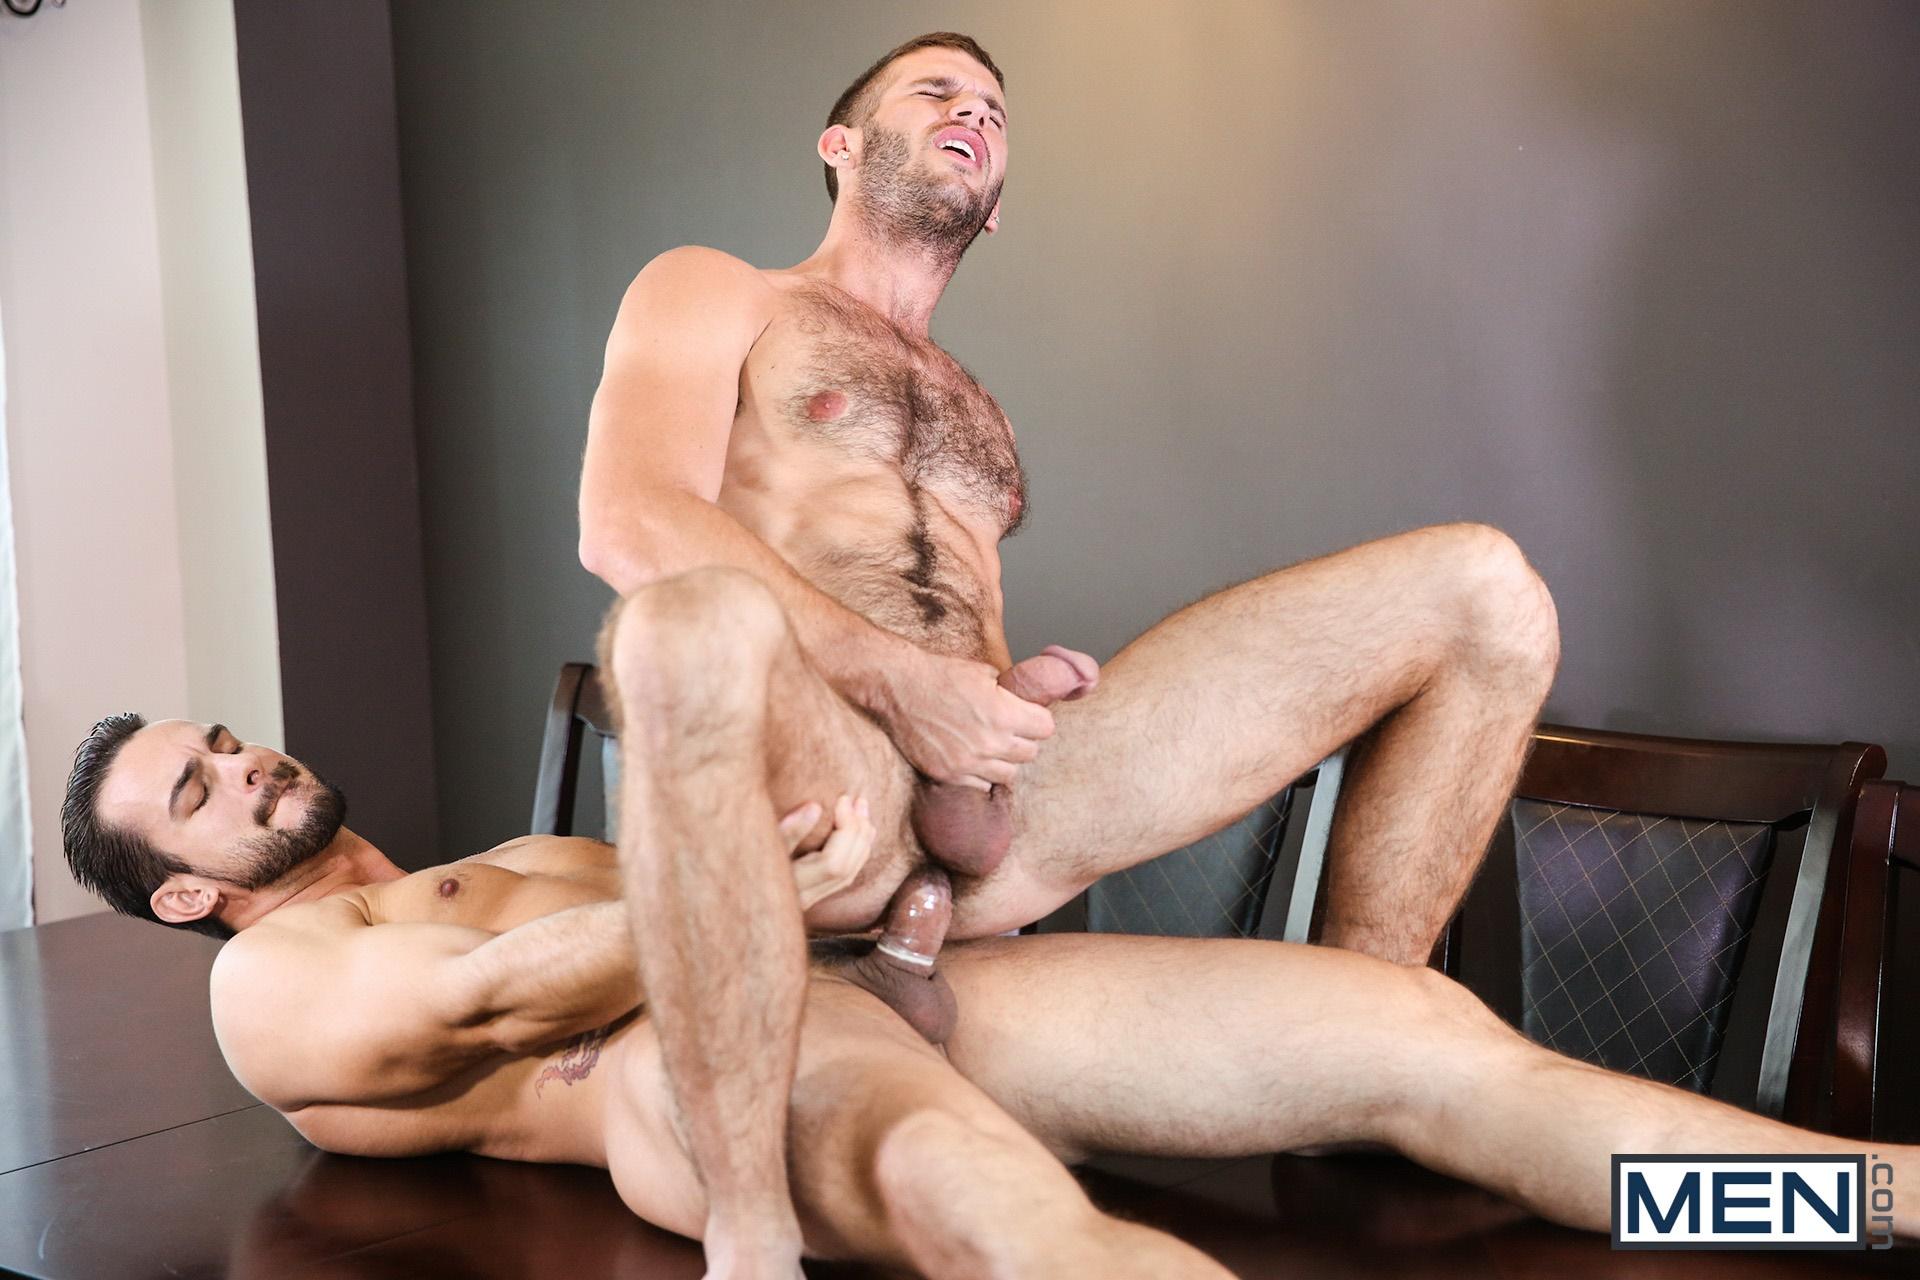 porn hub classic gay buddies